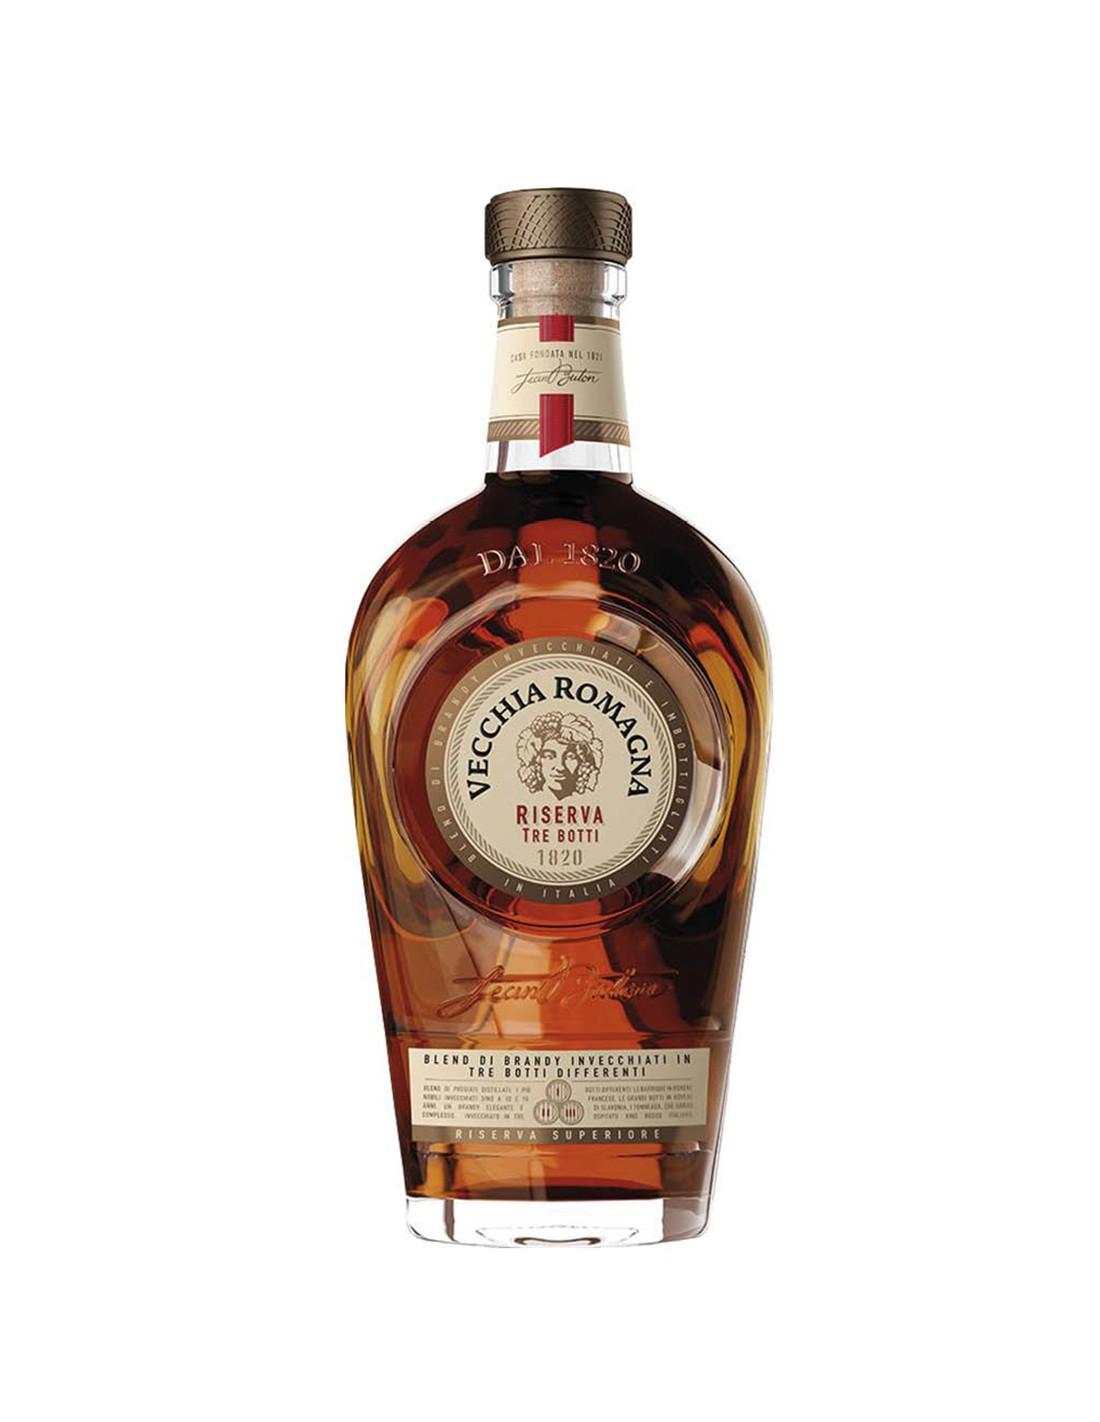 Brandy Vecchia Romagna Riserva Tre Botti, 0.7L, 40.8% alc., Italia image0